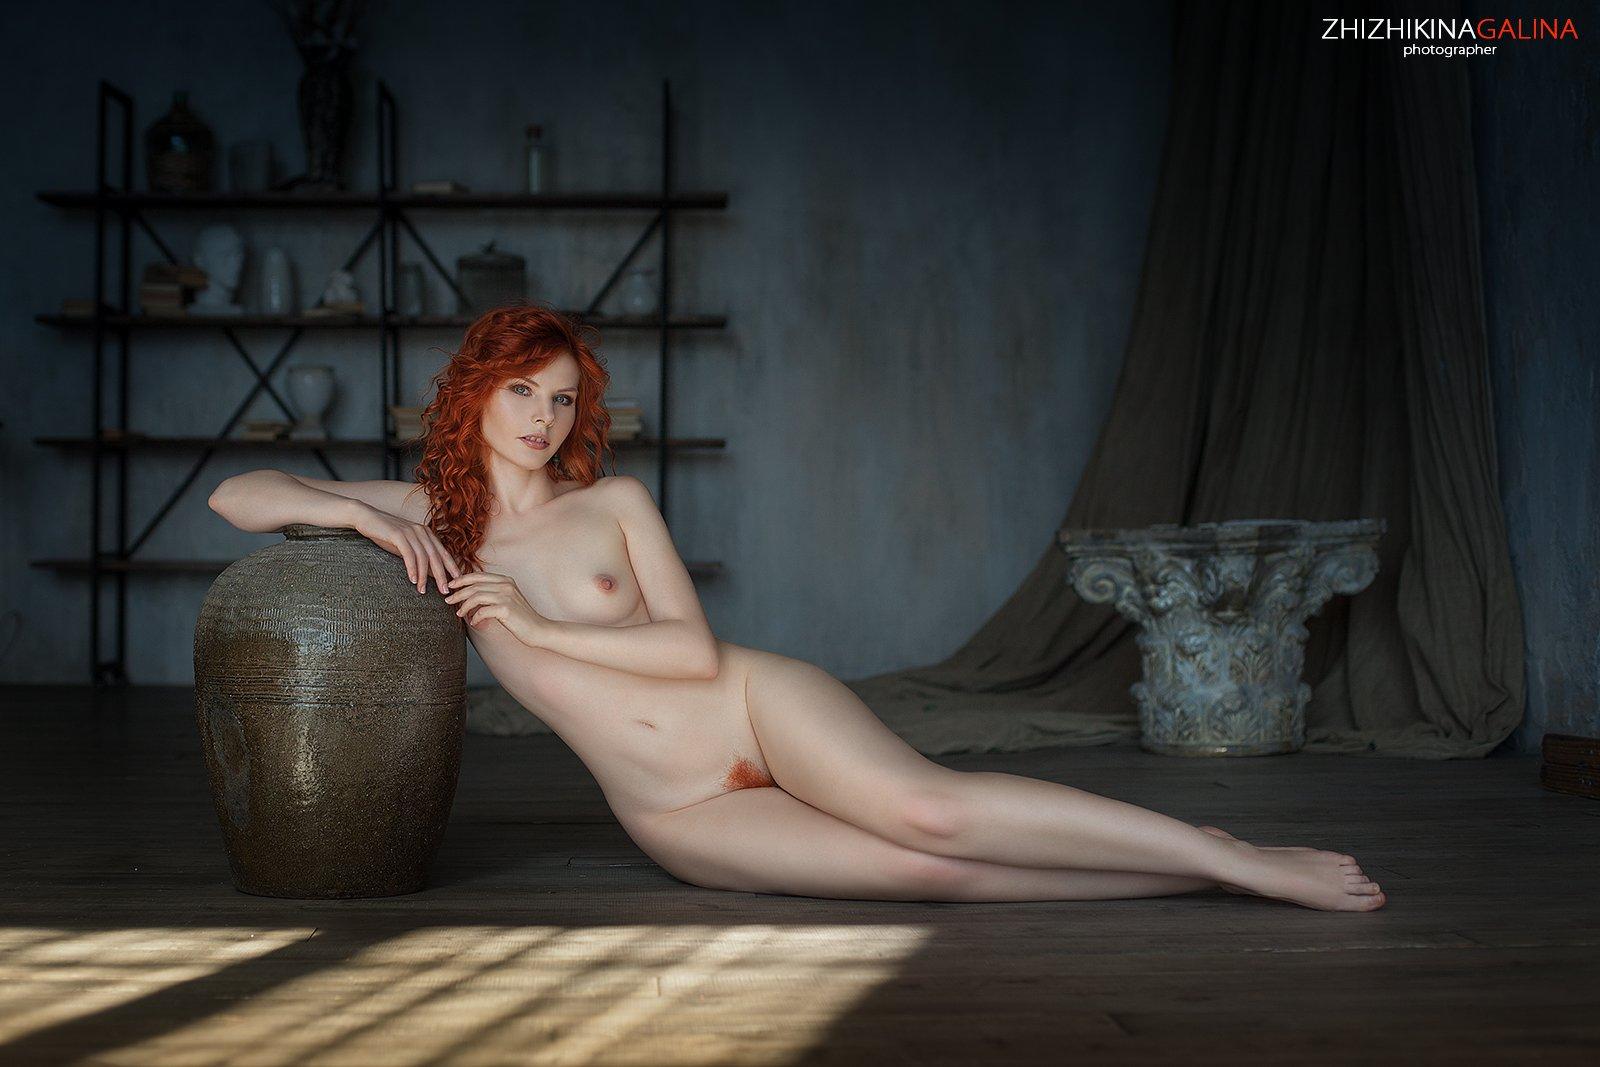 девушка, портрет, лицо, рыжая, руки, фотограф, портрет, артню, nude, portrait, Галина Жижикина